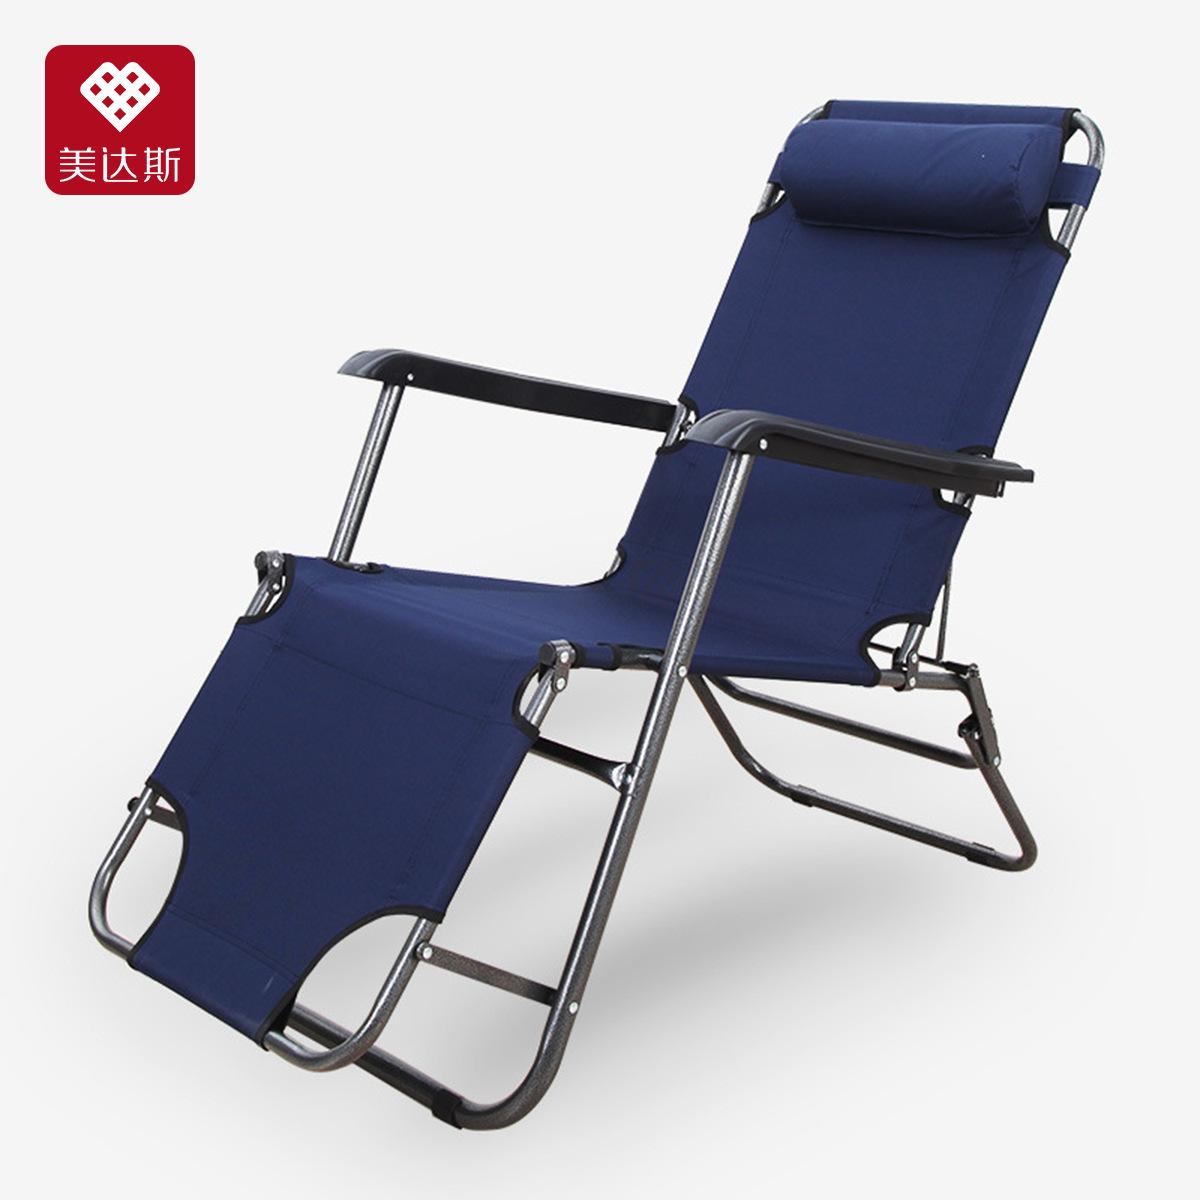 折叠椅工厂批发野炊钓鱼休闲椅行军陪护床书房办公室午休折叠躺椅